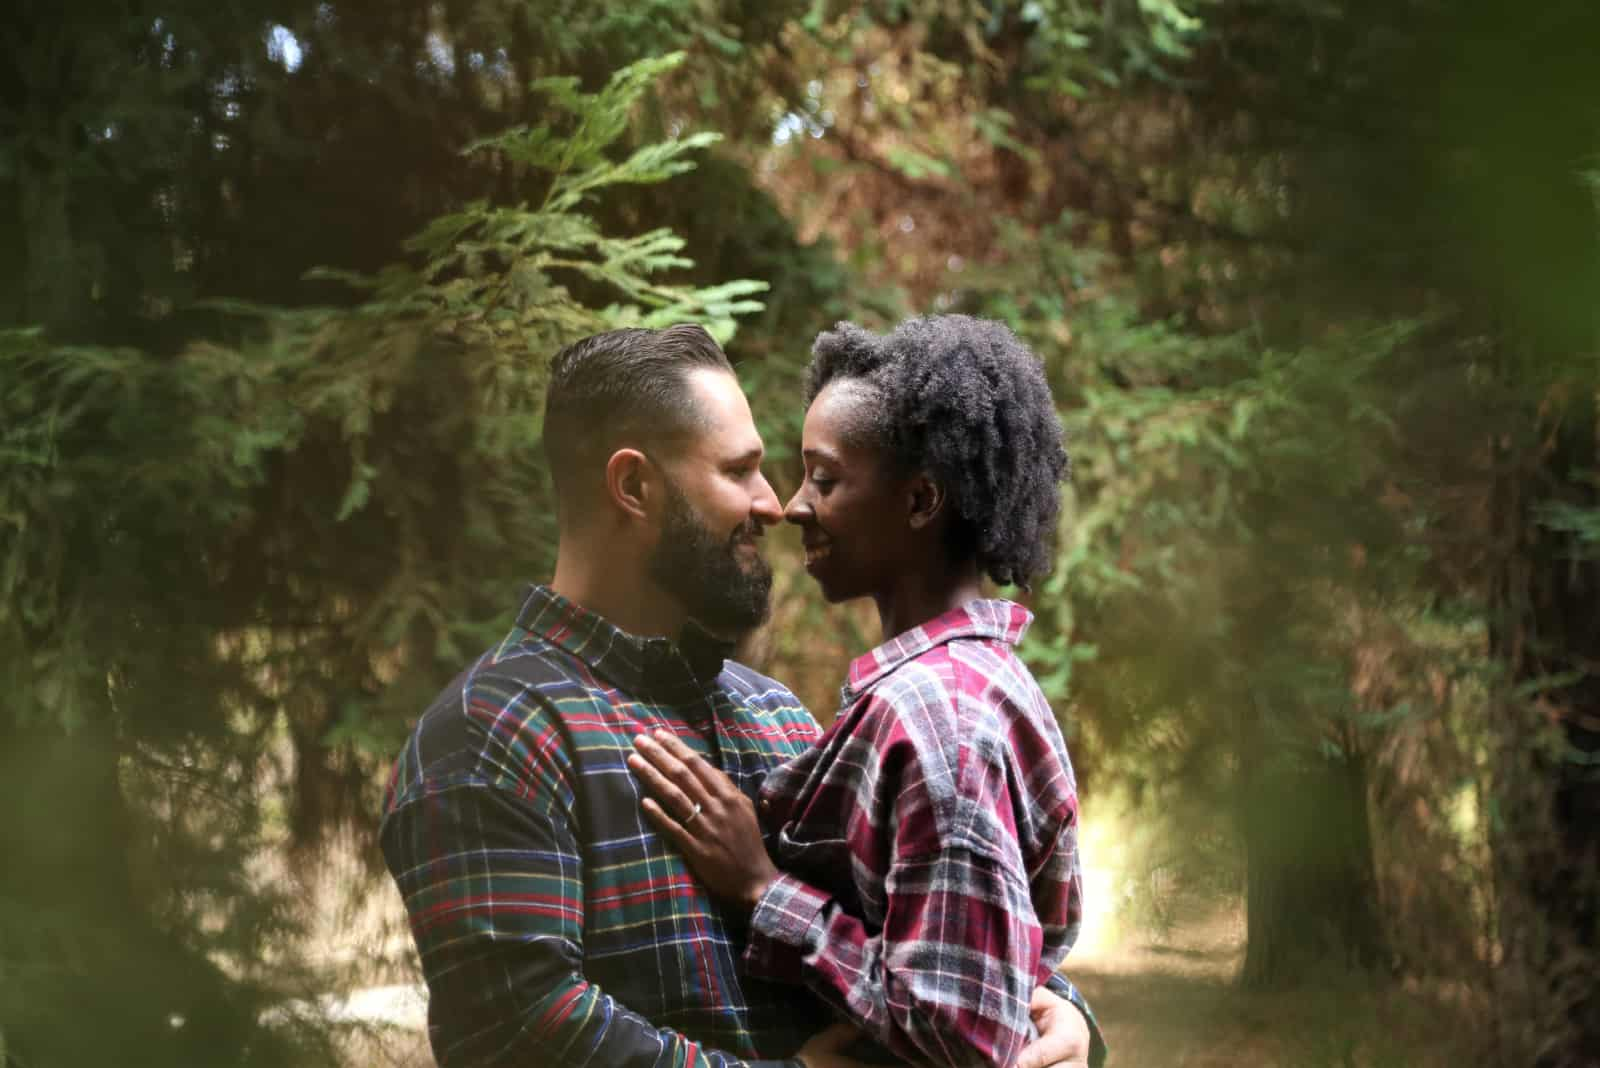 homme et femme s'embrassant dans une forêt